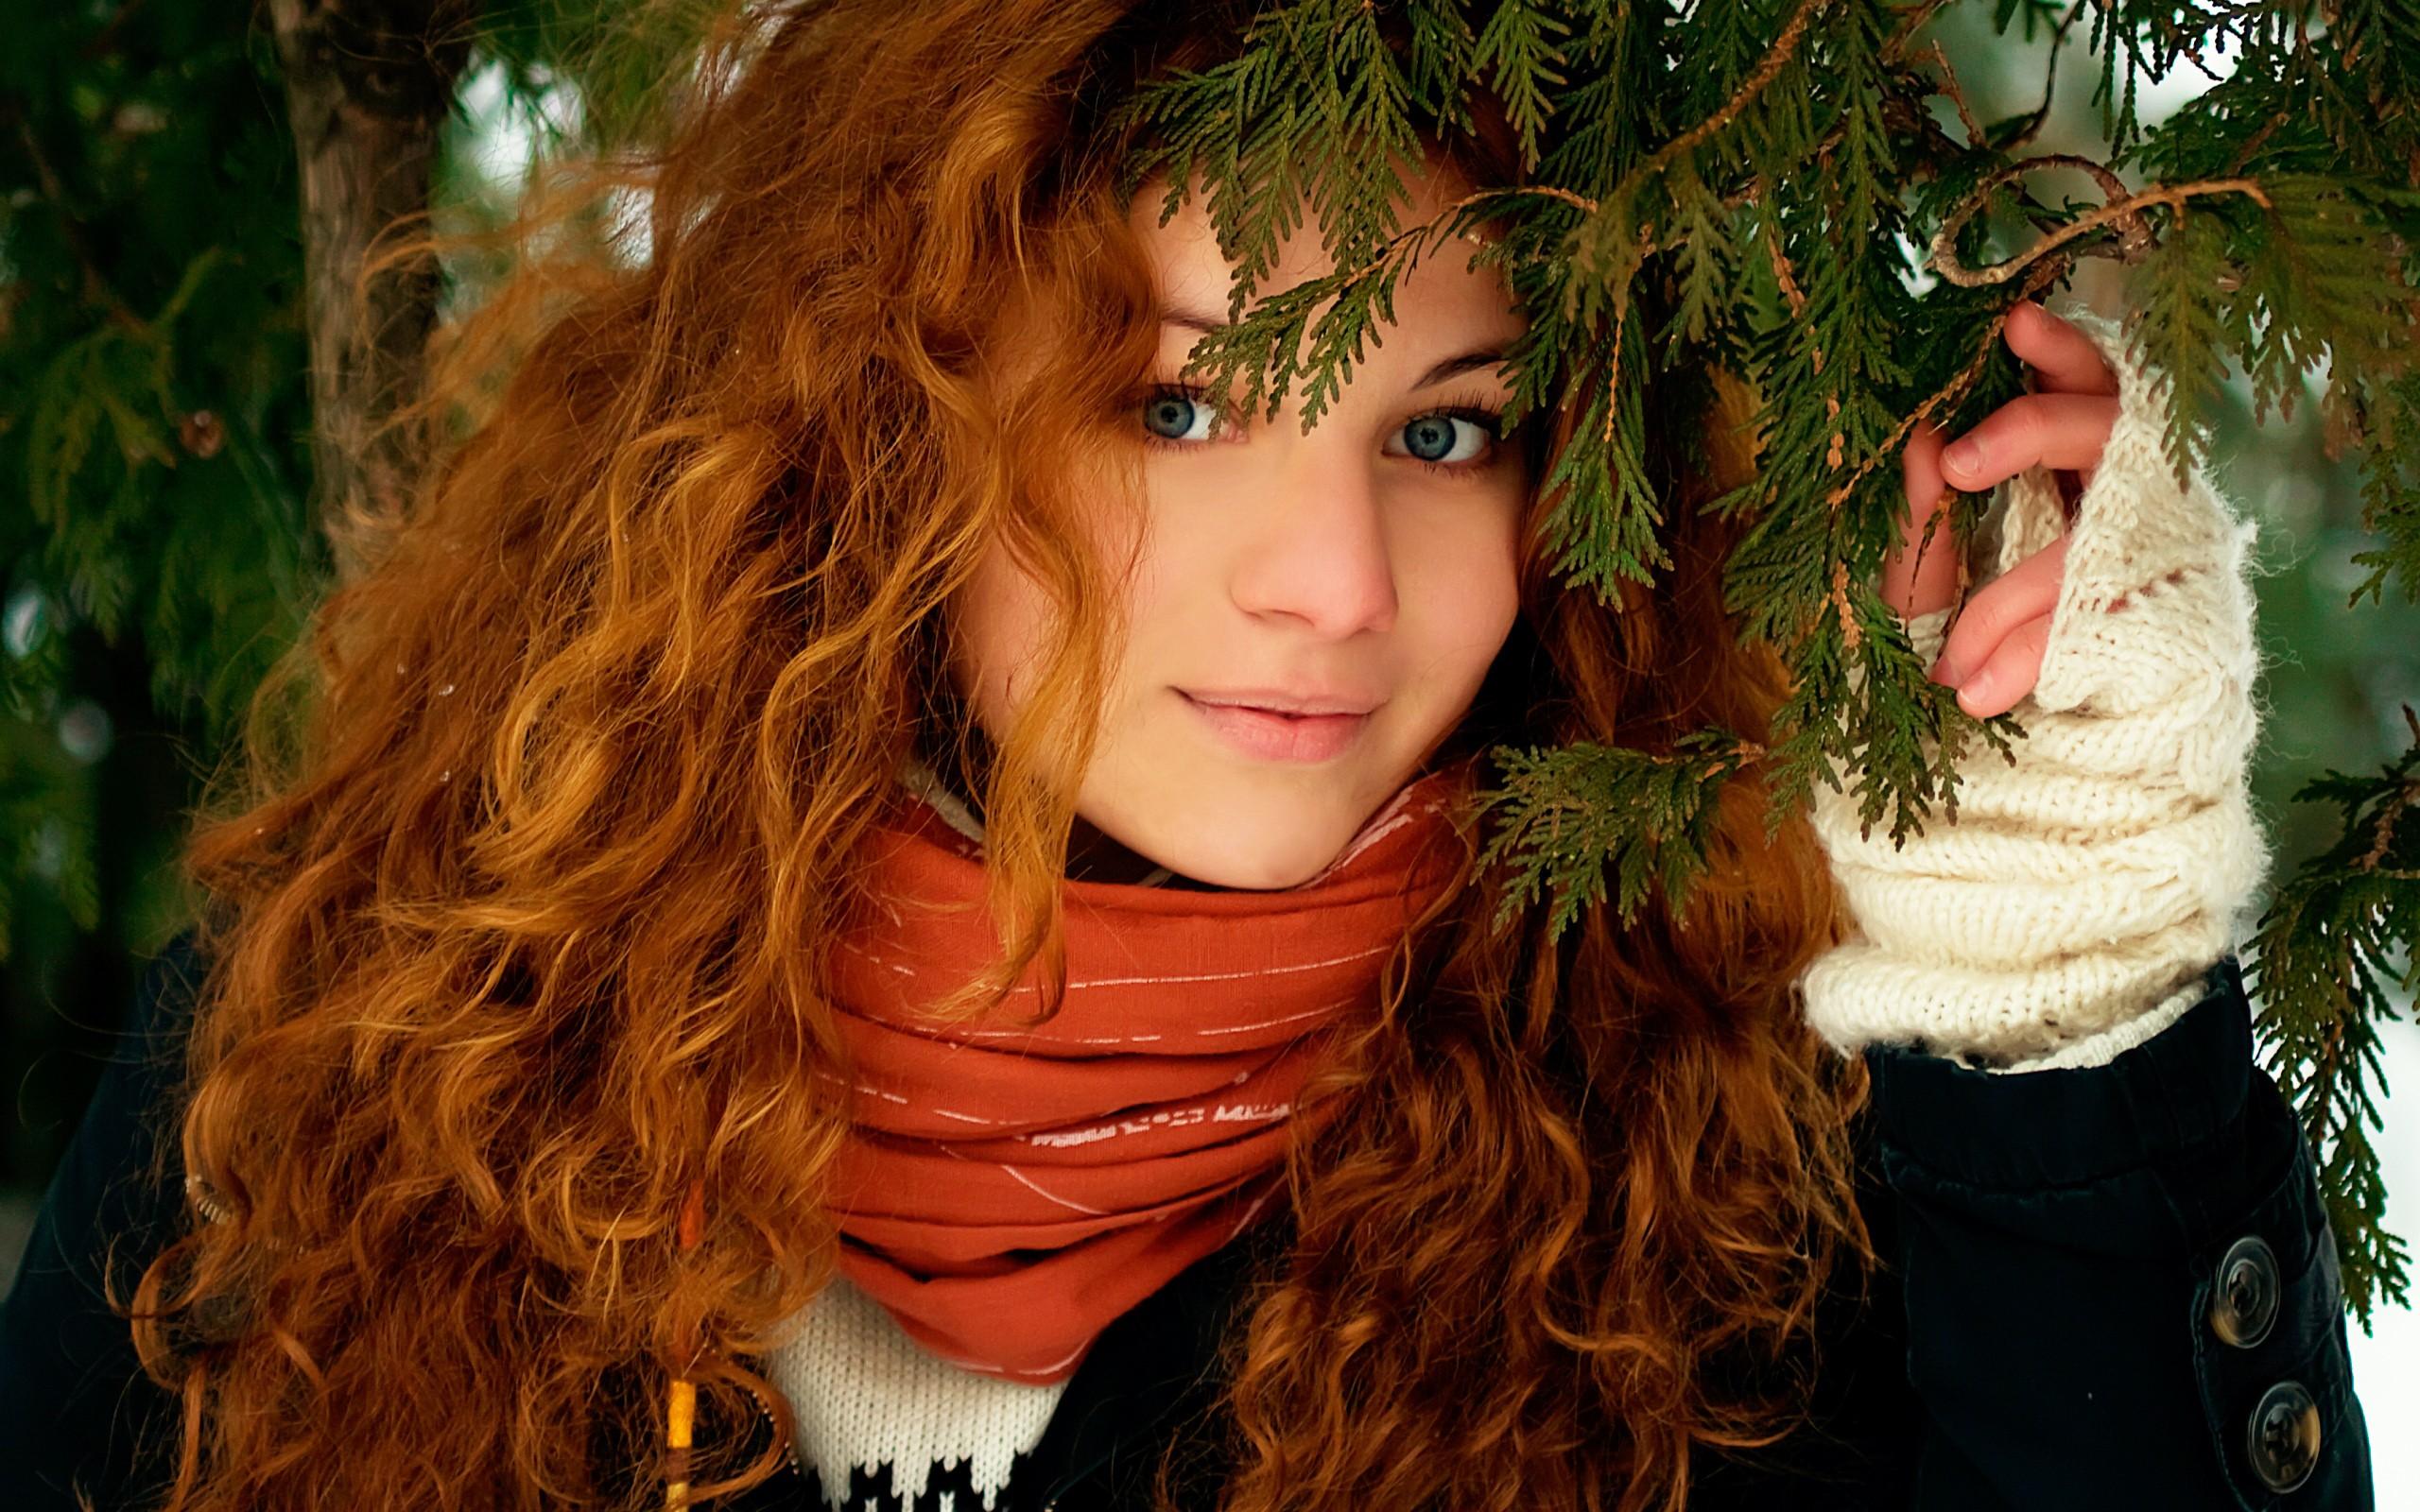 Photo youtube dating russian women